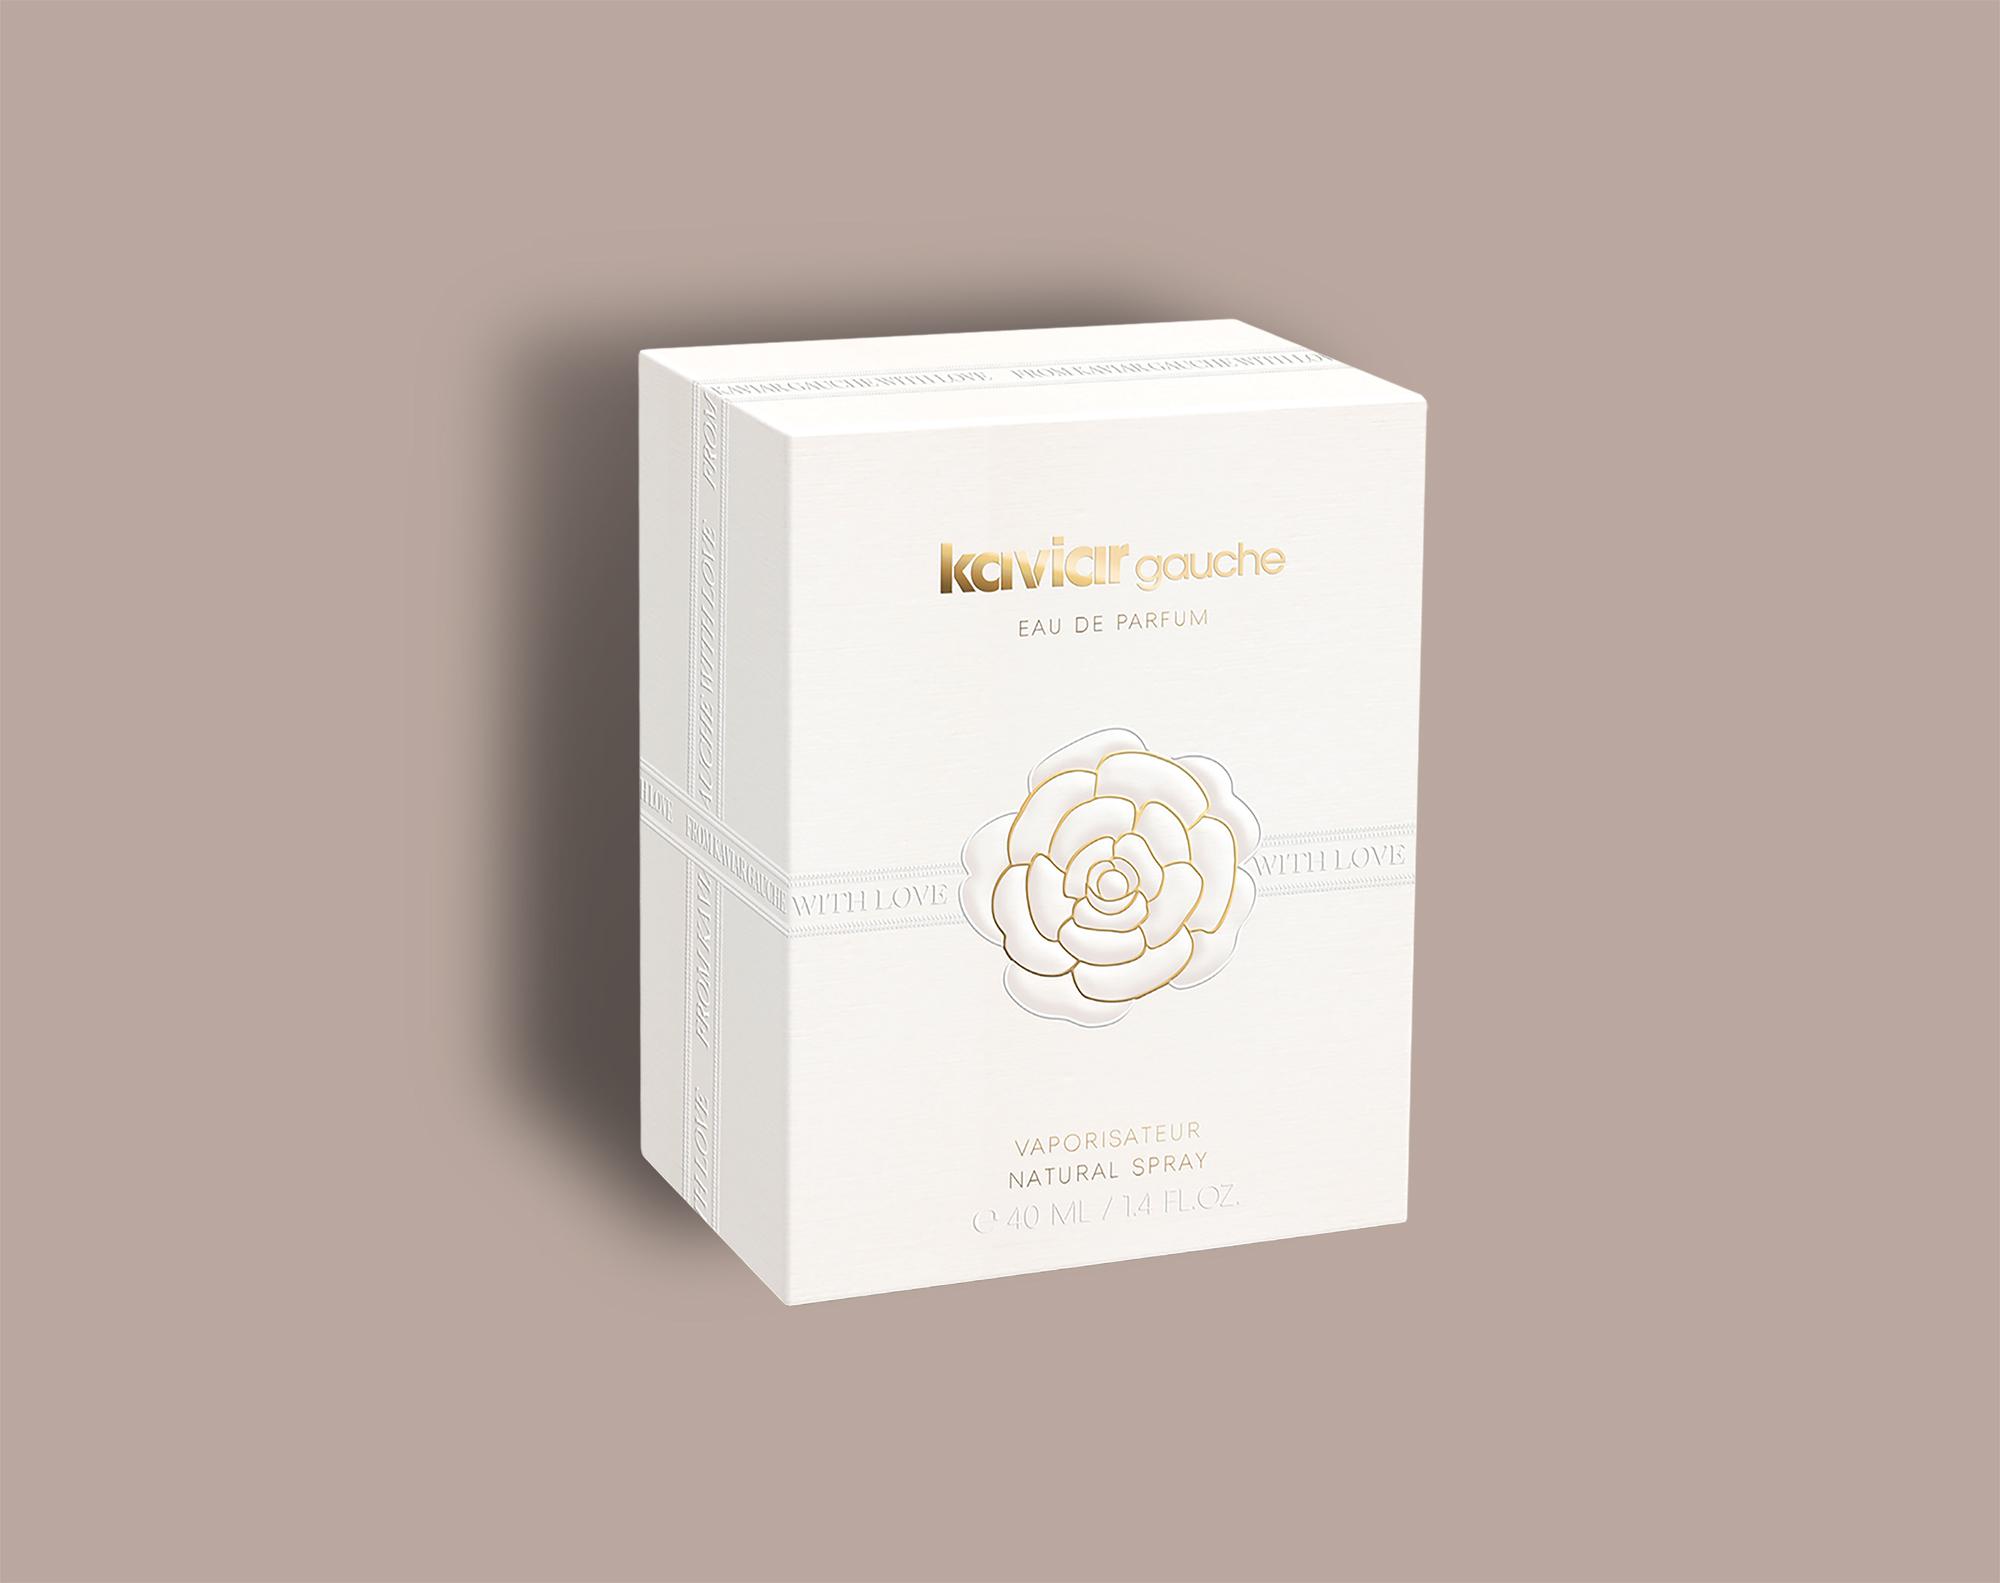 KG_Packaging